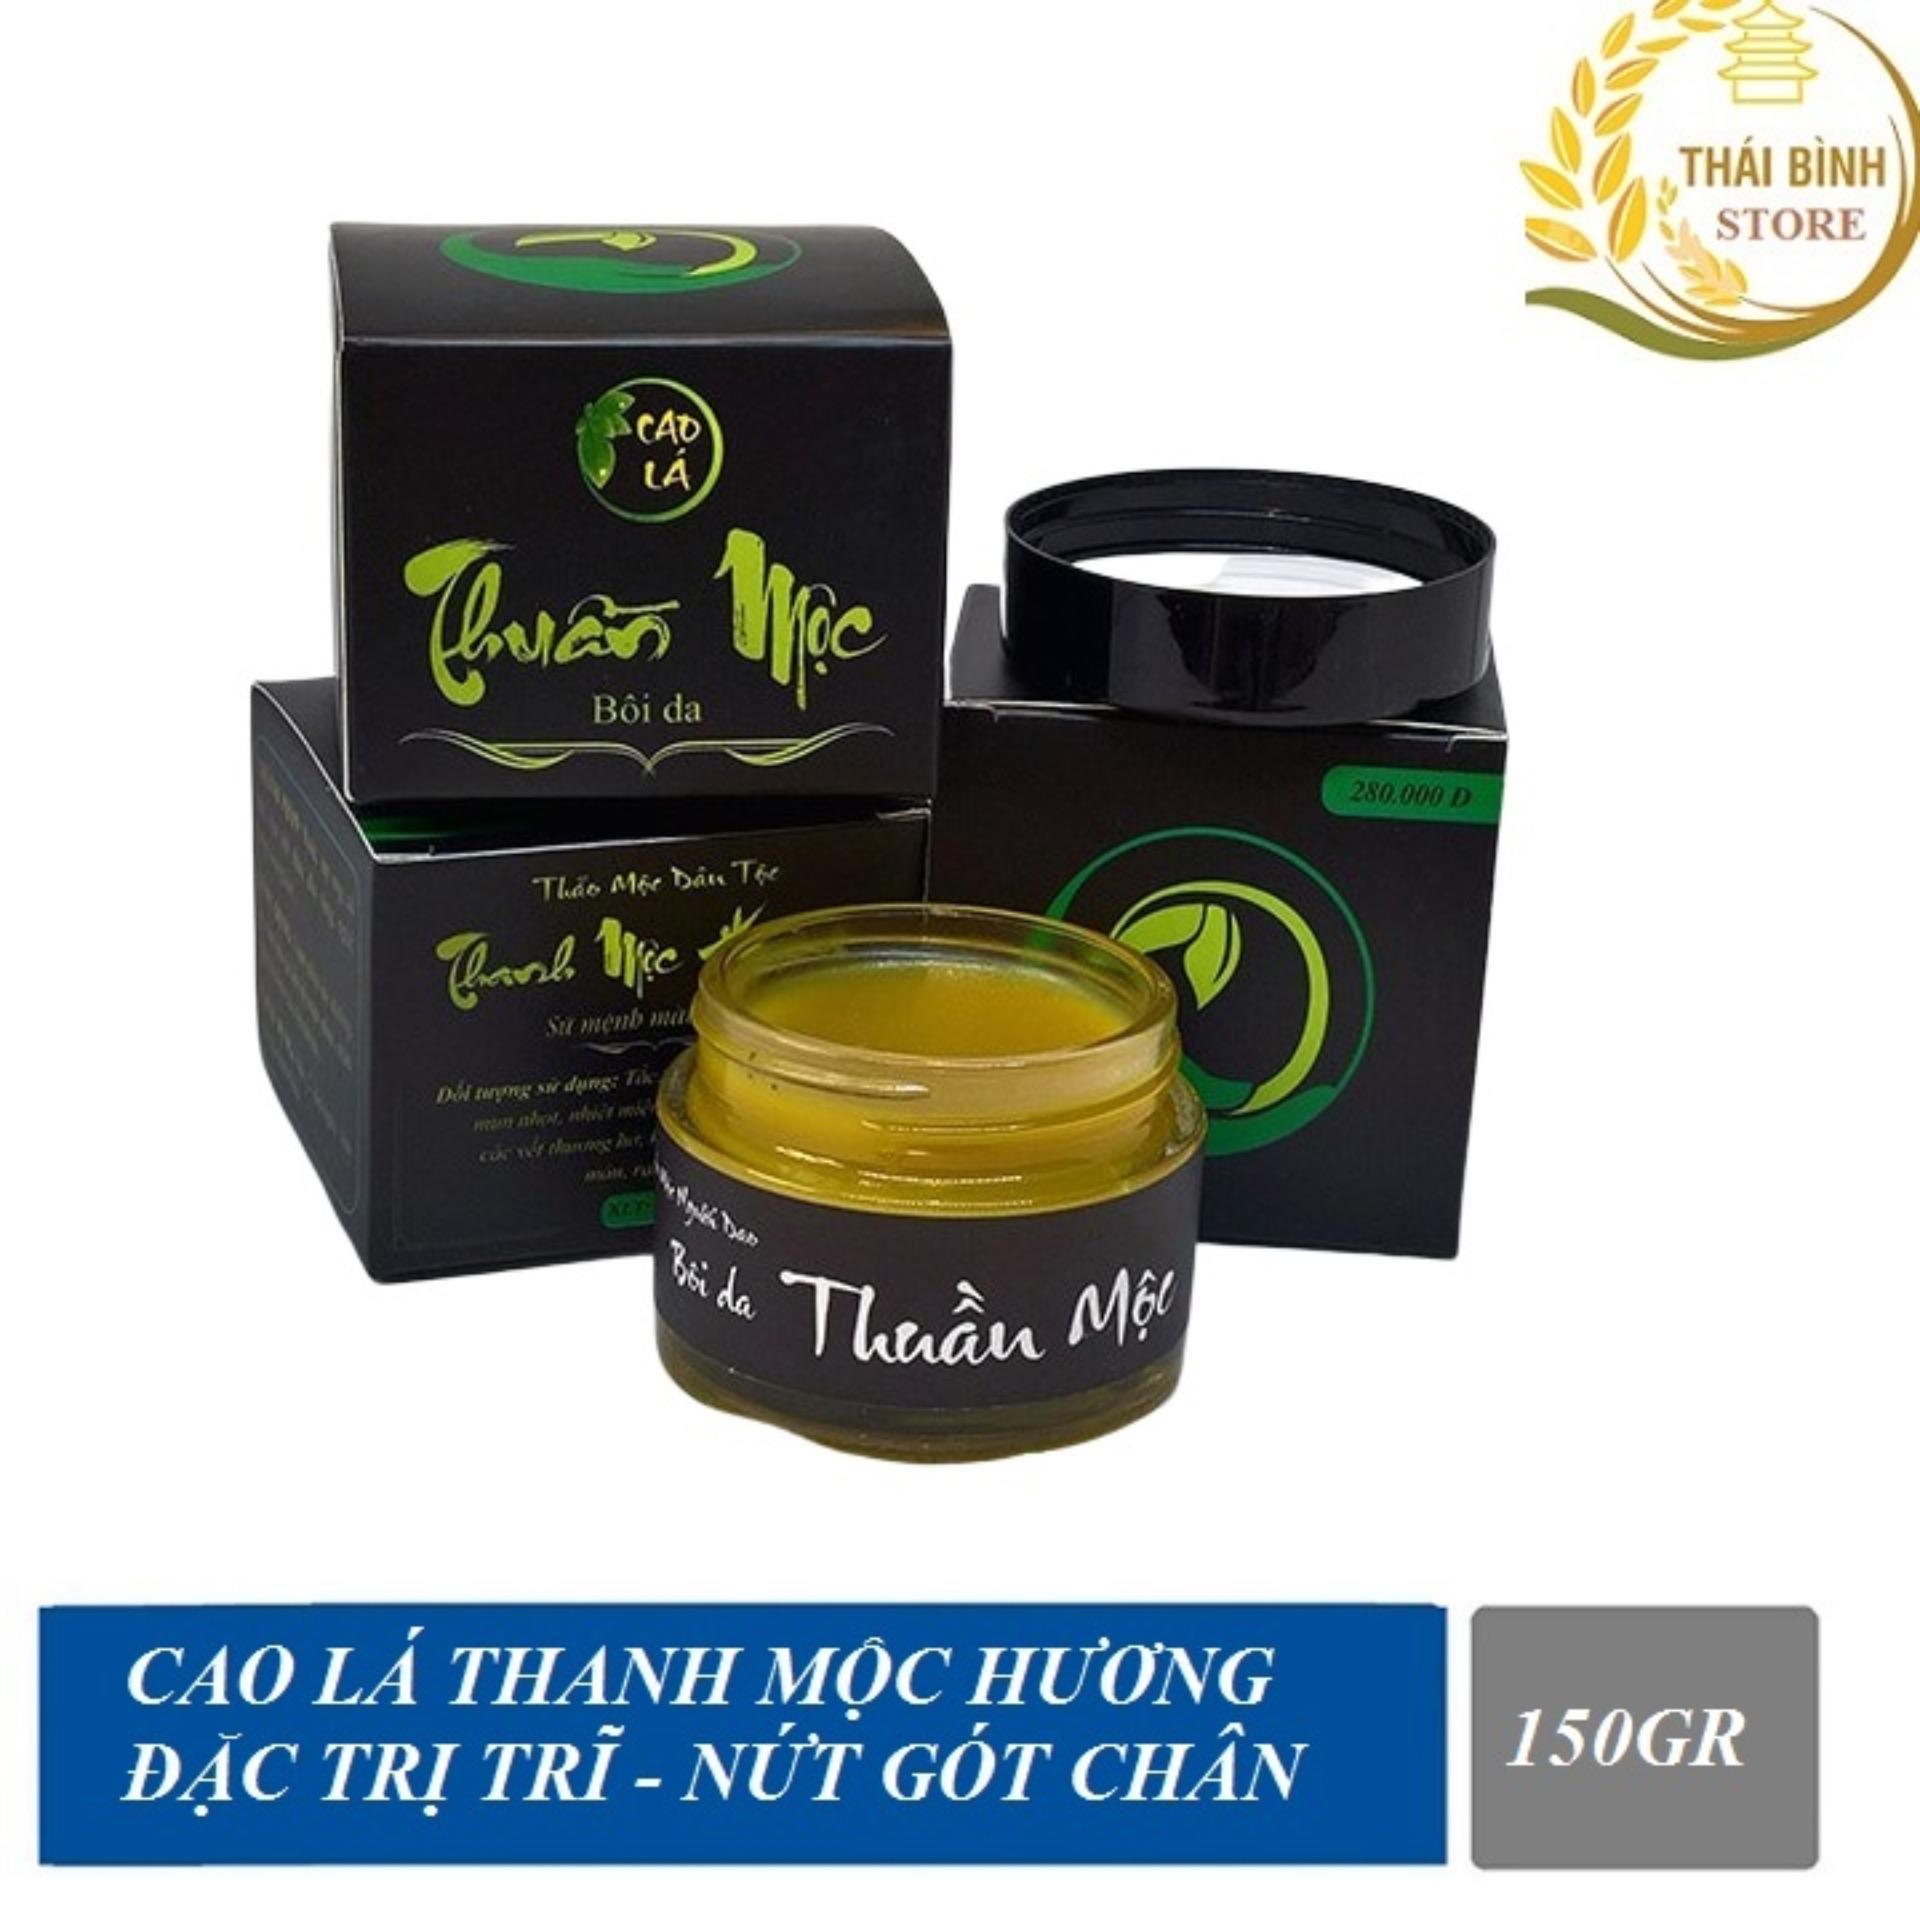 Cao Lá Thanh Mộc Hương Dùng Cho Nứt Gót Chân ,Trĩ nhập khẩu